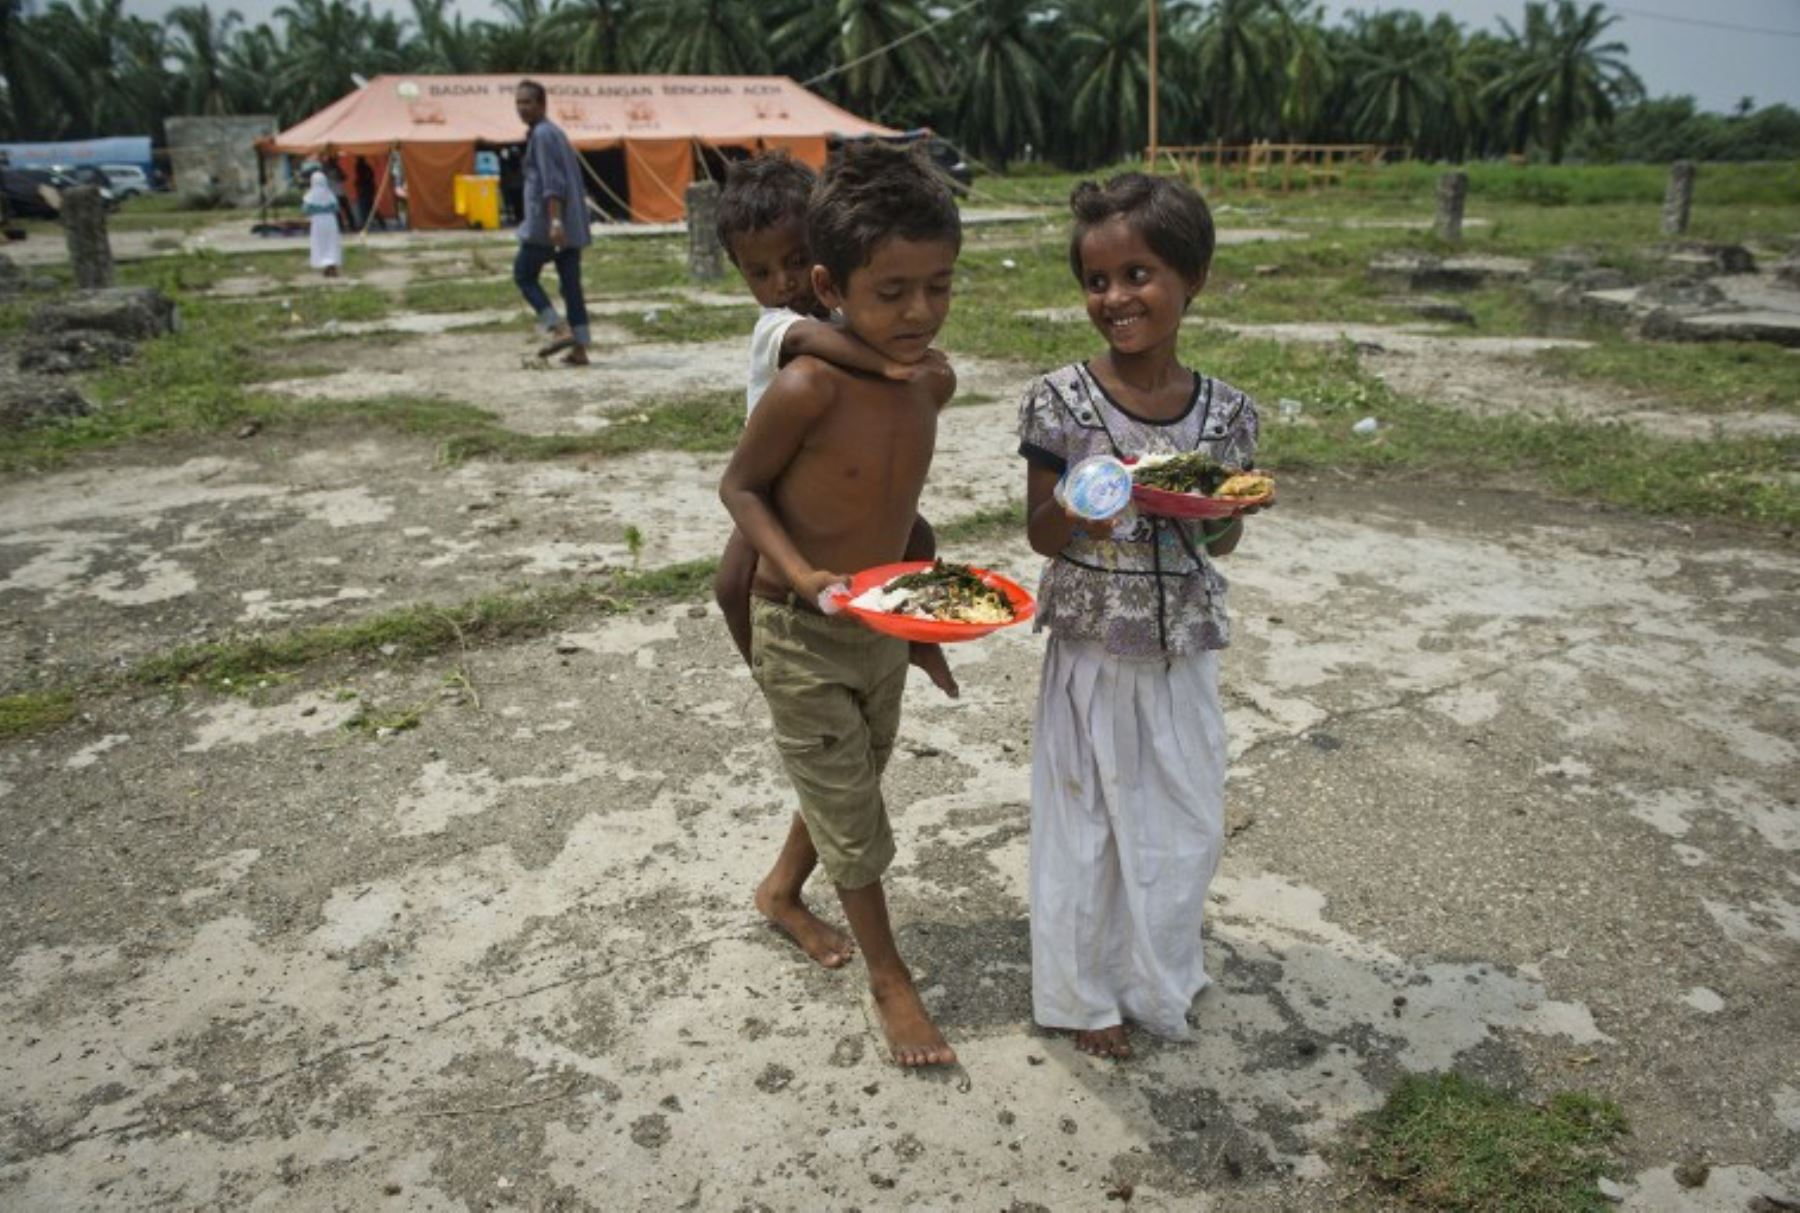 Niños de Myanmar llevan su comida en el campamento creado en Bayeun, después de más de 400 inmigrantes rohingya de Myanmar y Bangladesh fueron rescatados por pescadores indonesios. Foto:AFP